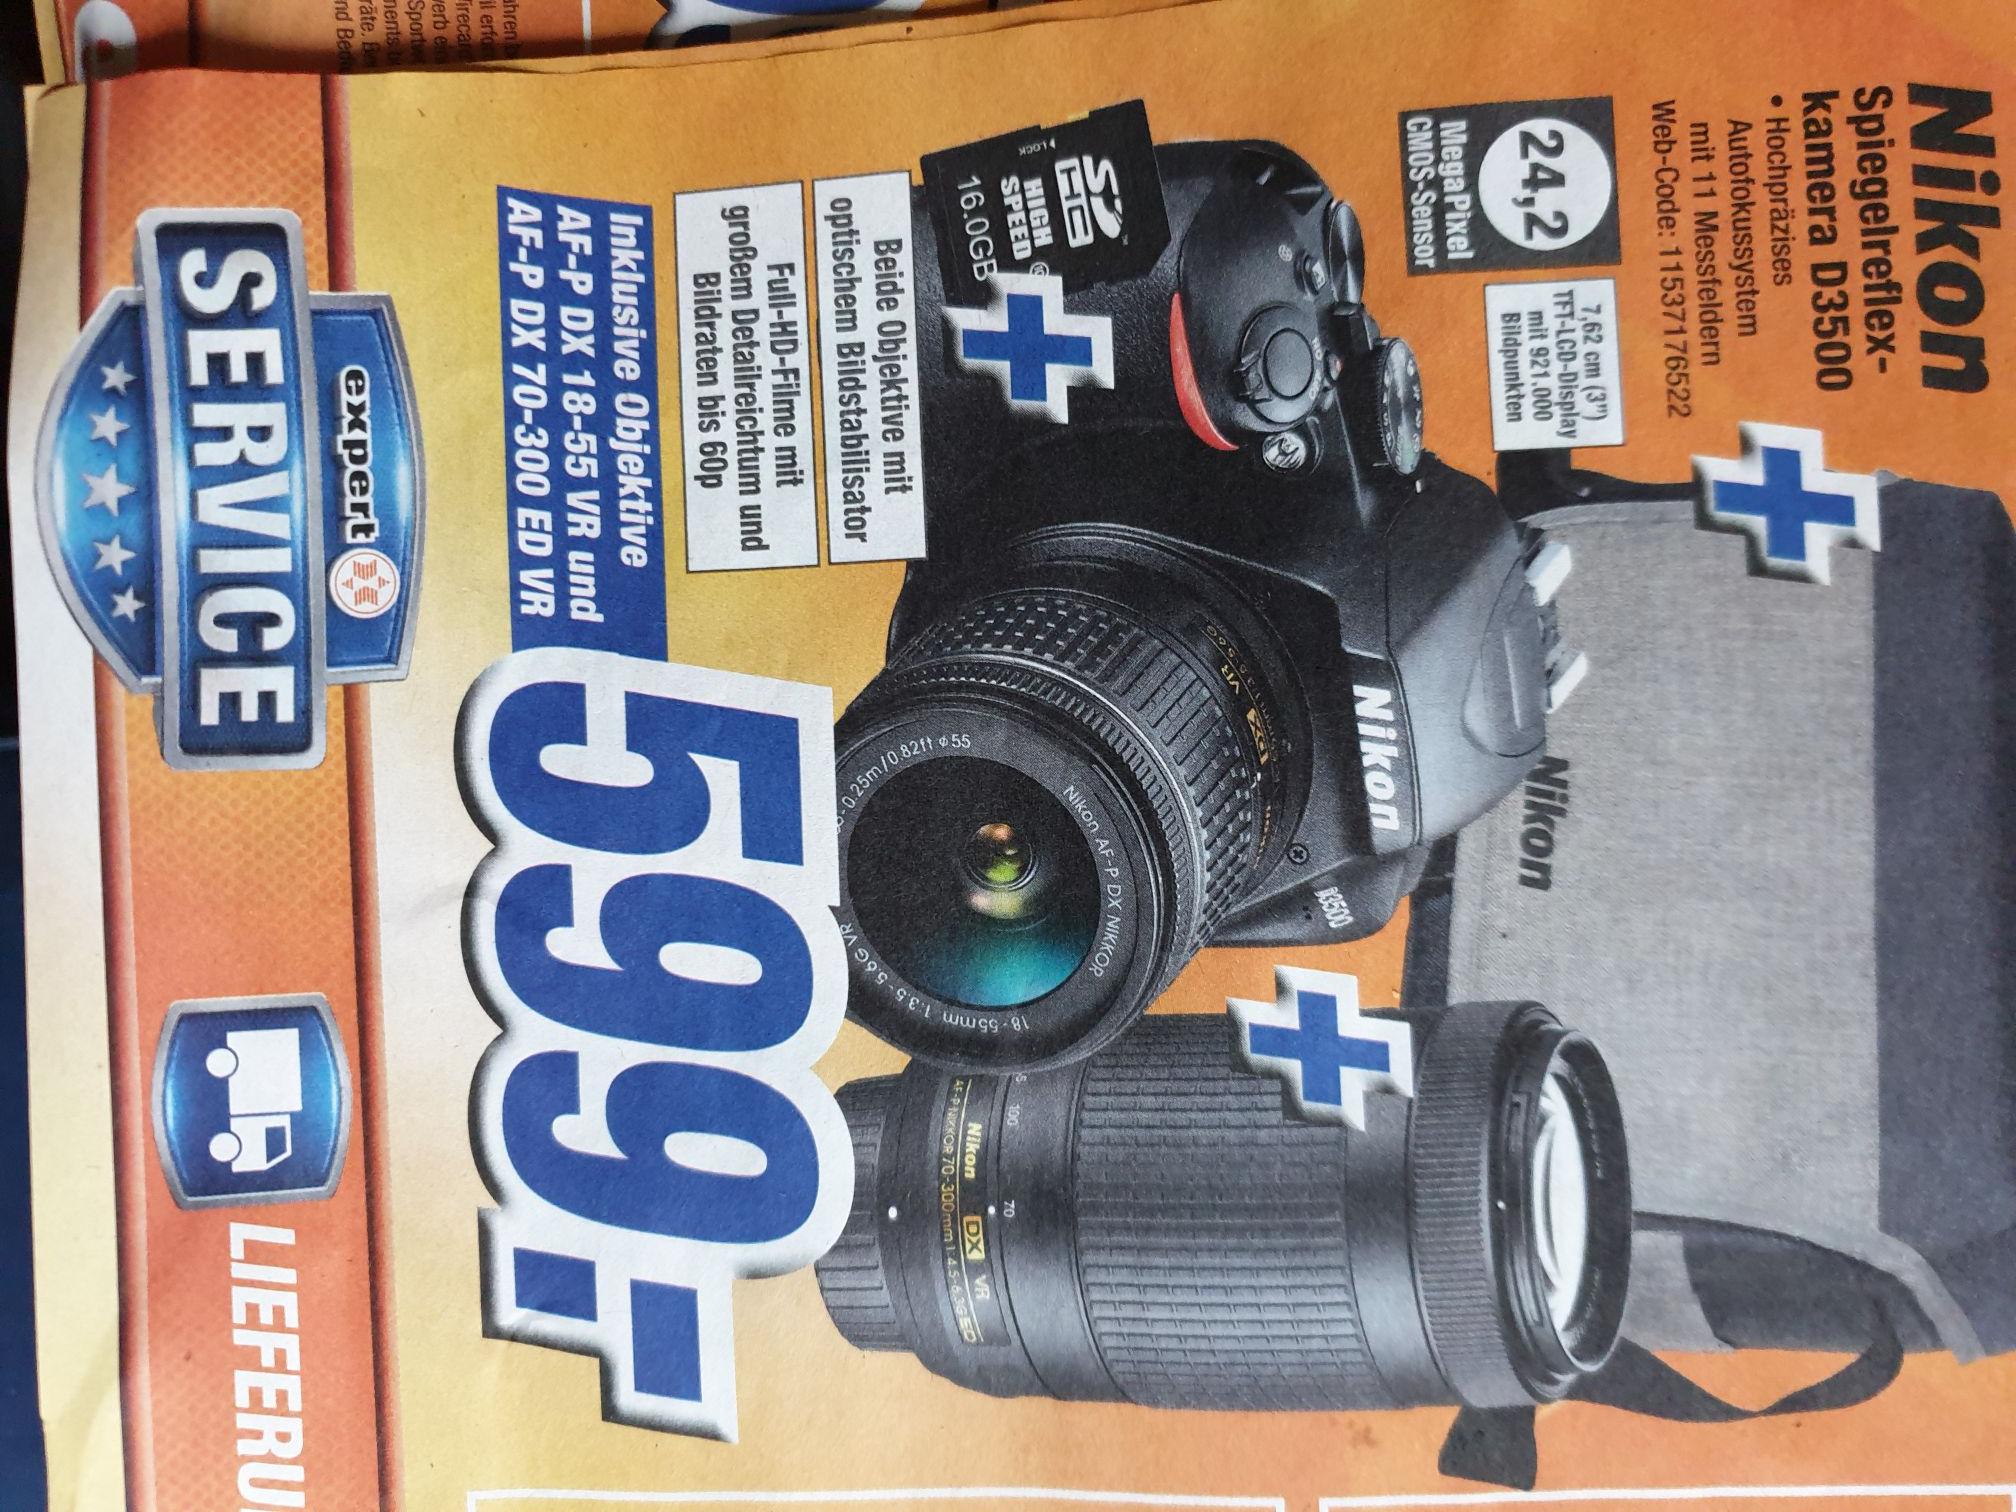 Nikon D3500 Spiegelreflexkamera + 2 Objektive + Tasche + SD-Karte 599€ (lokal ? )